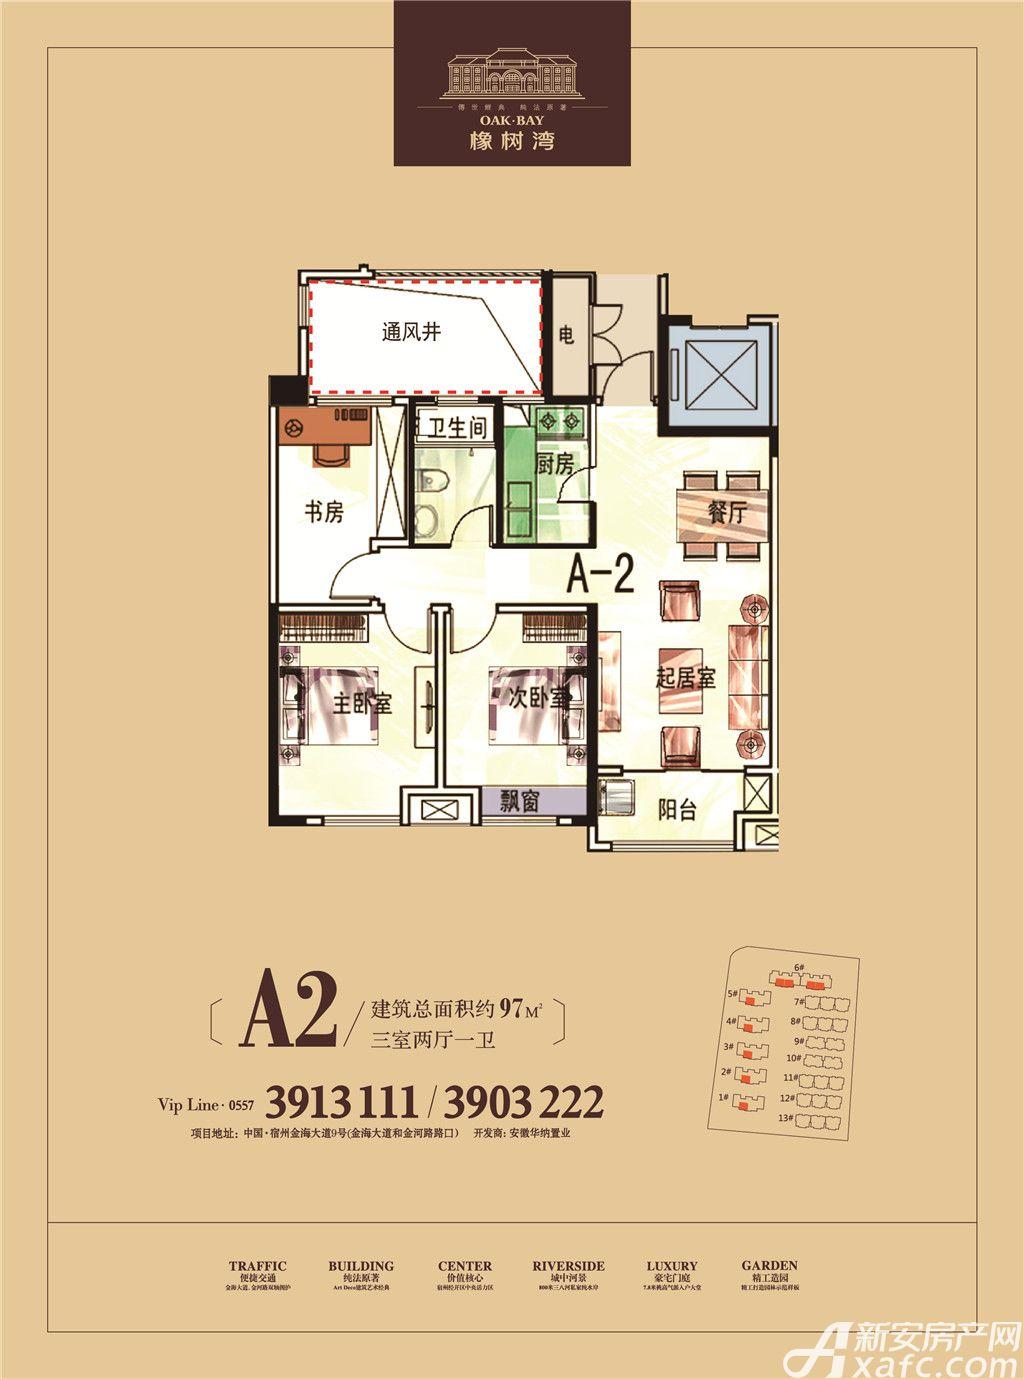 乐泽鑫城A2户型3室2厅97平米